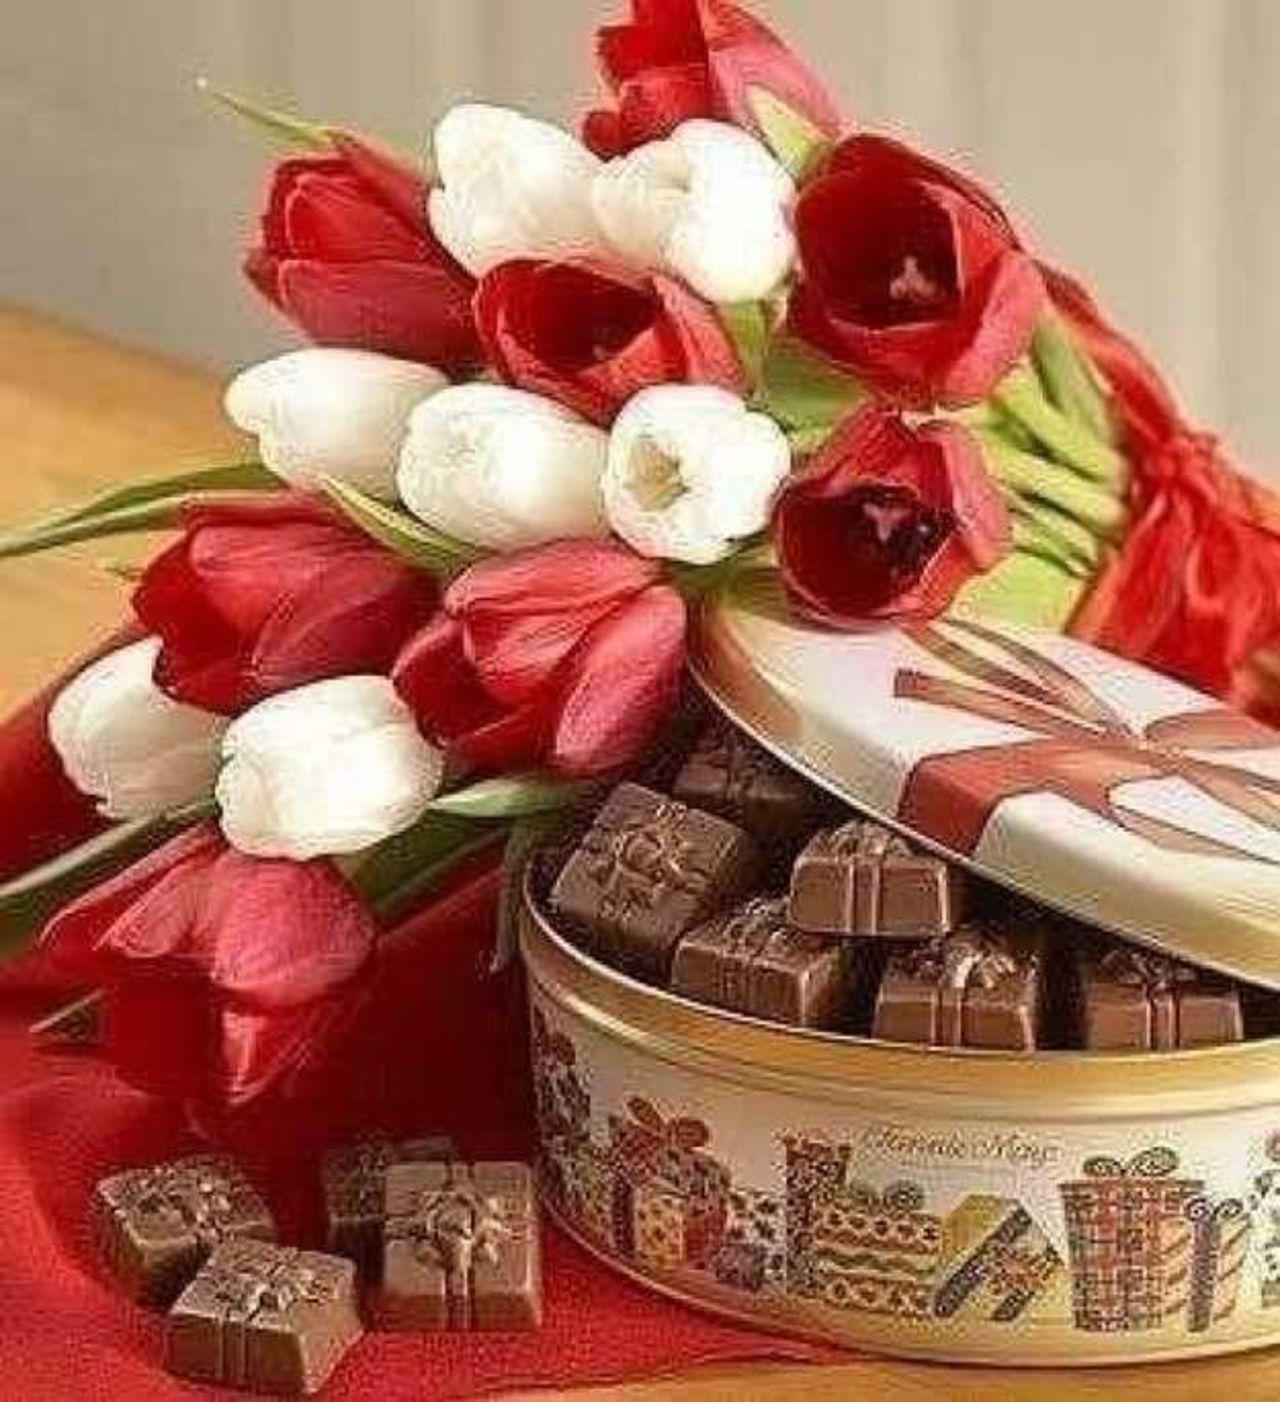 букет цветов и коробка конфет картинки над учебниками работают